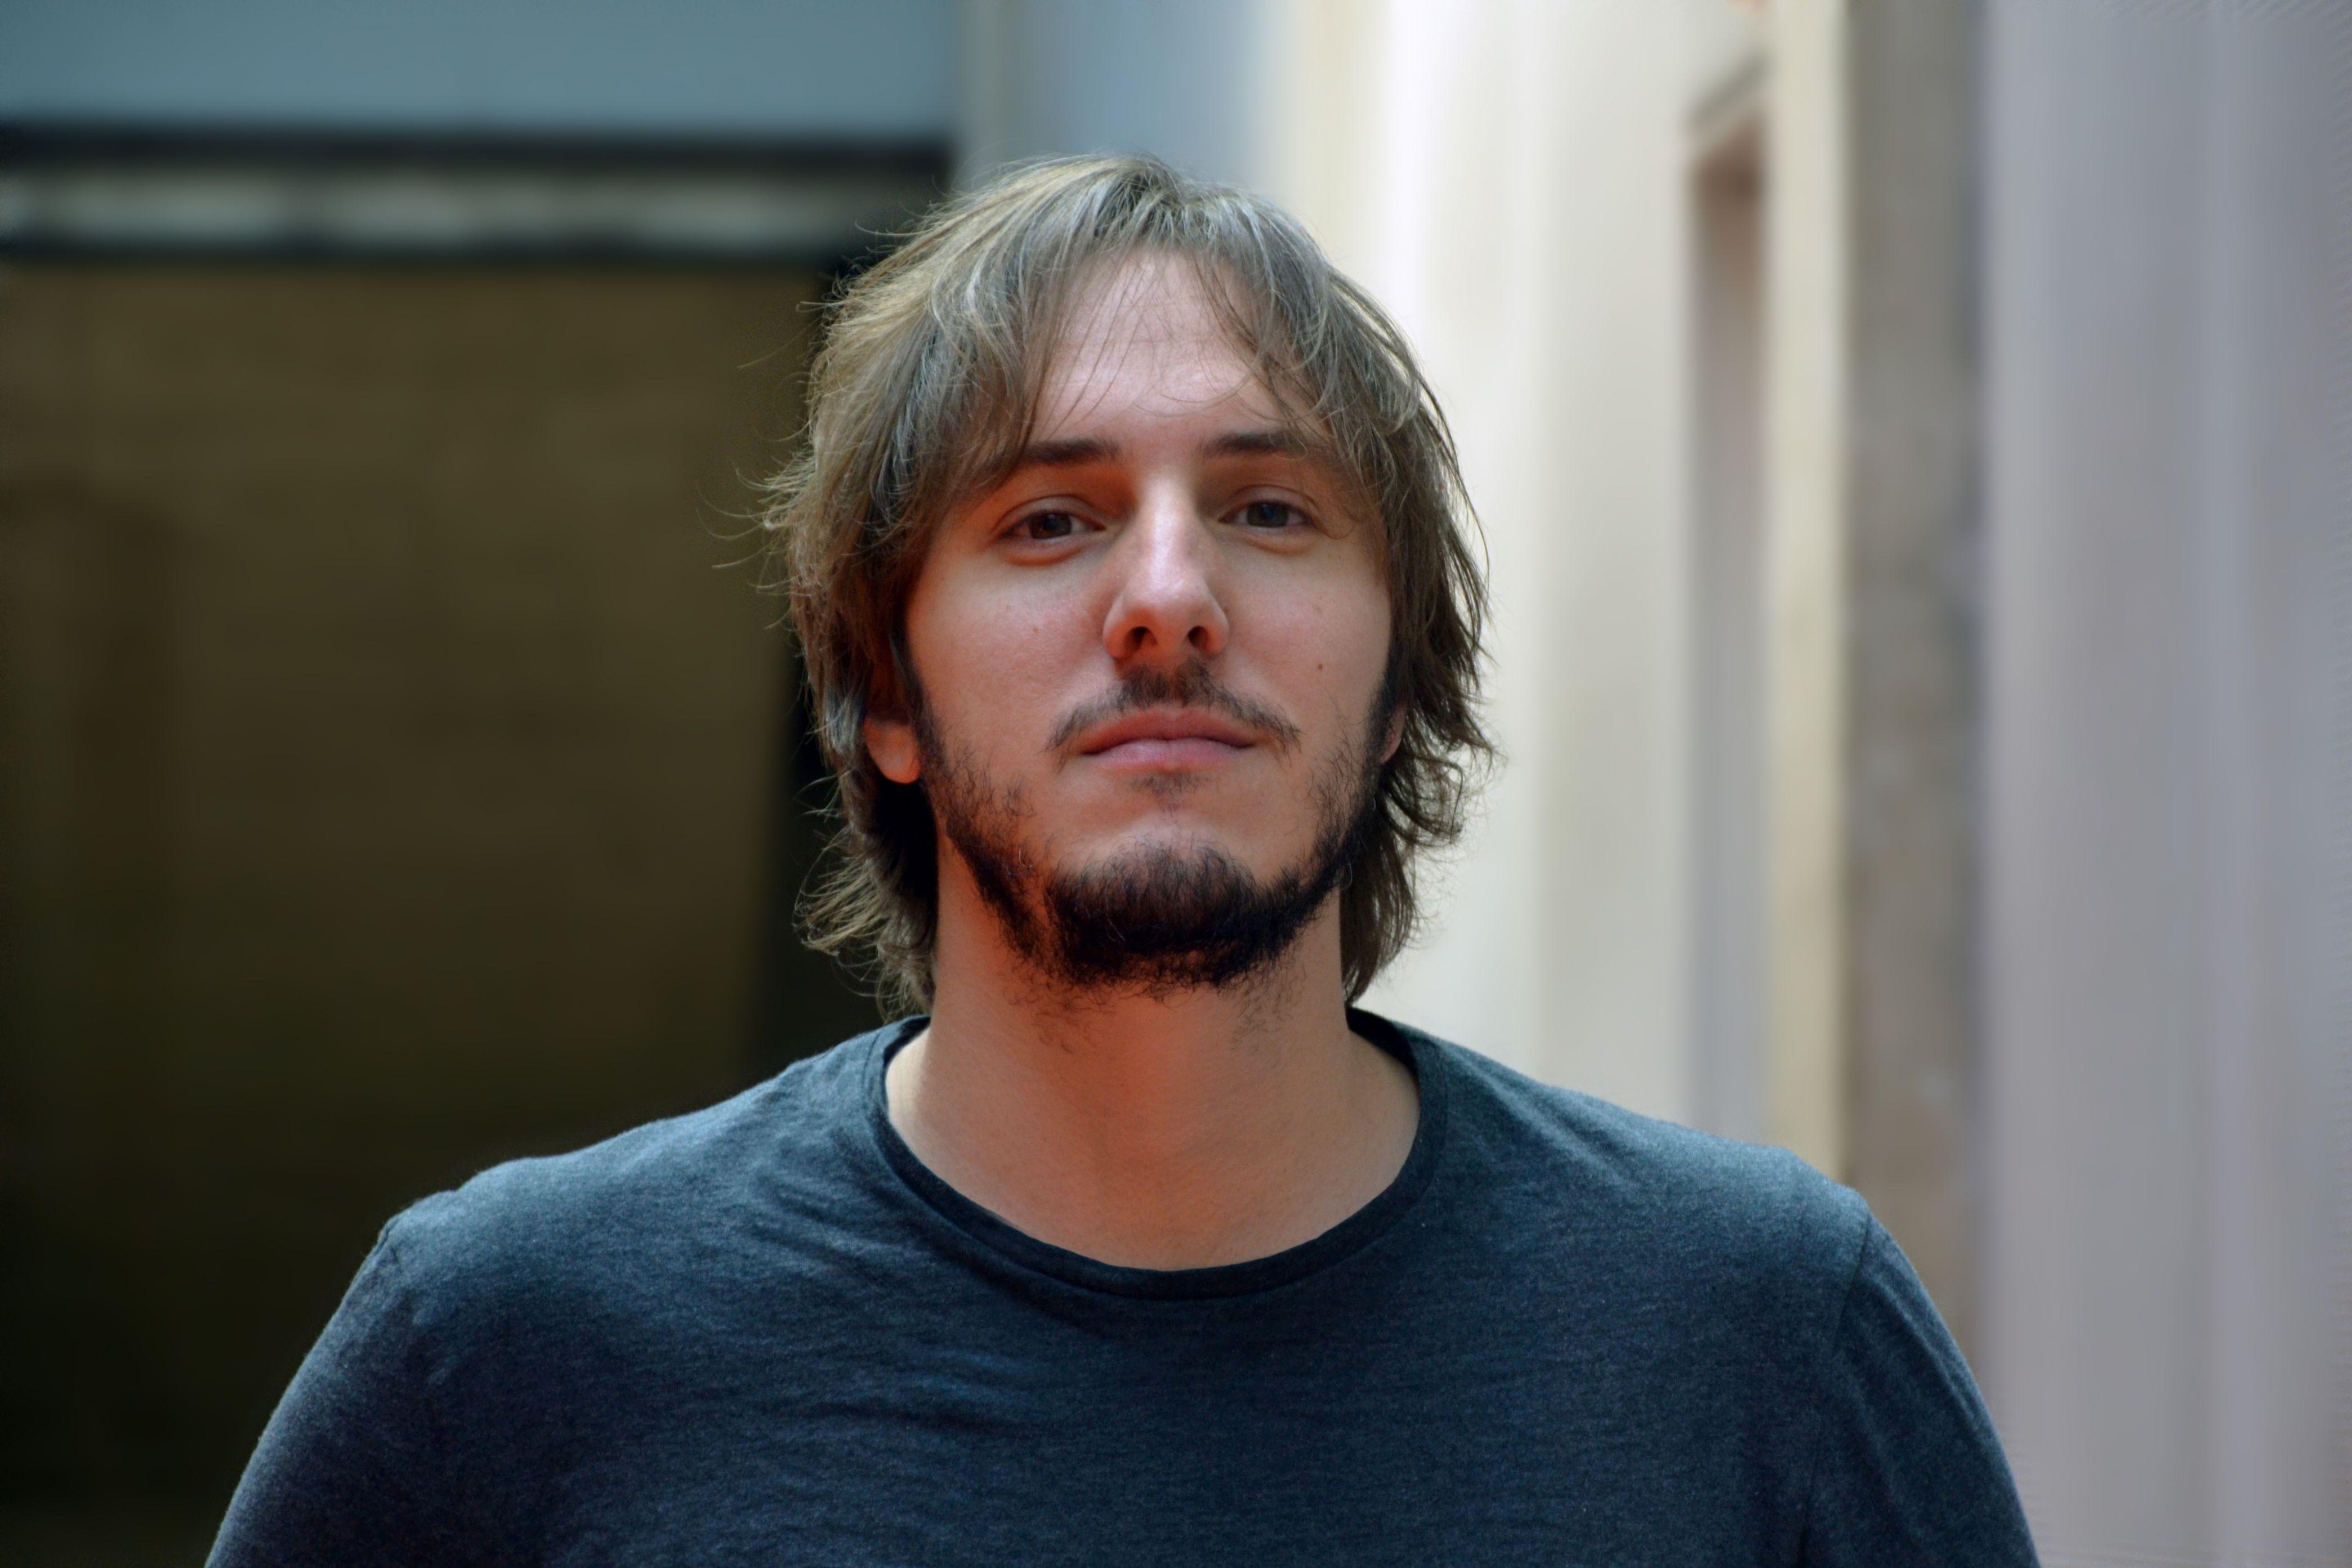 Daniele Ghisi